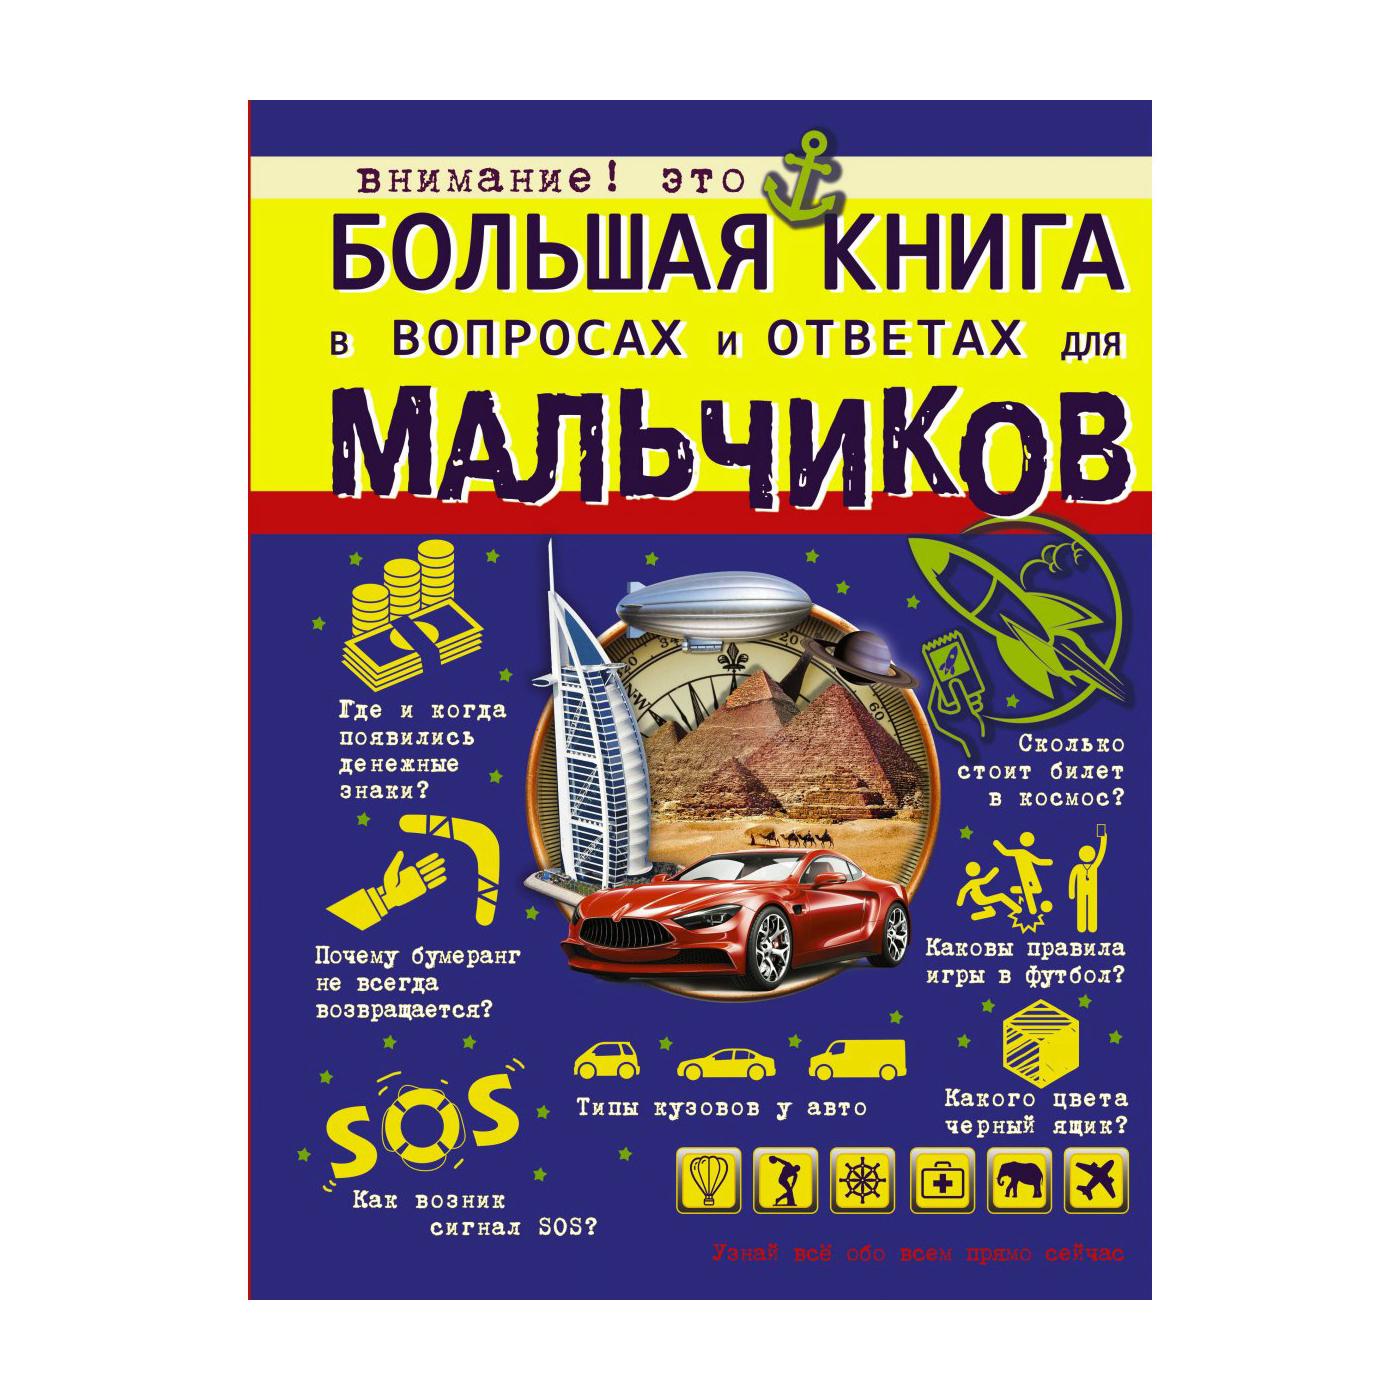 Книга АСТ в вопросах и ответах для мальчиков и девочек